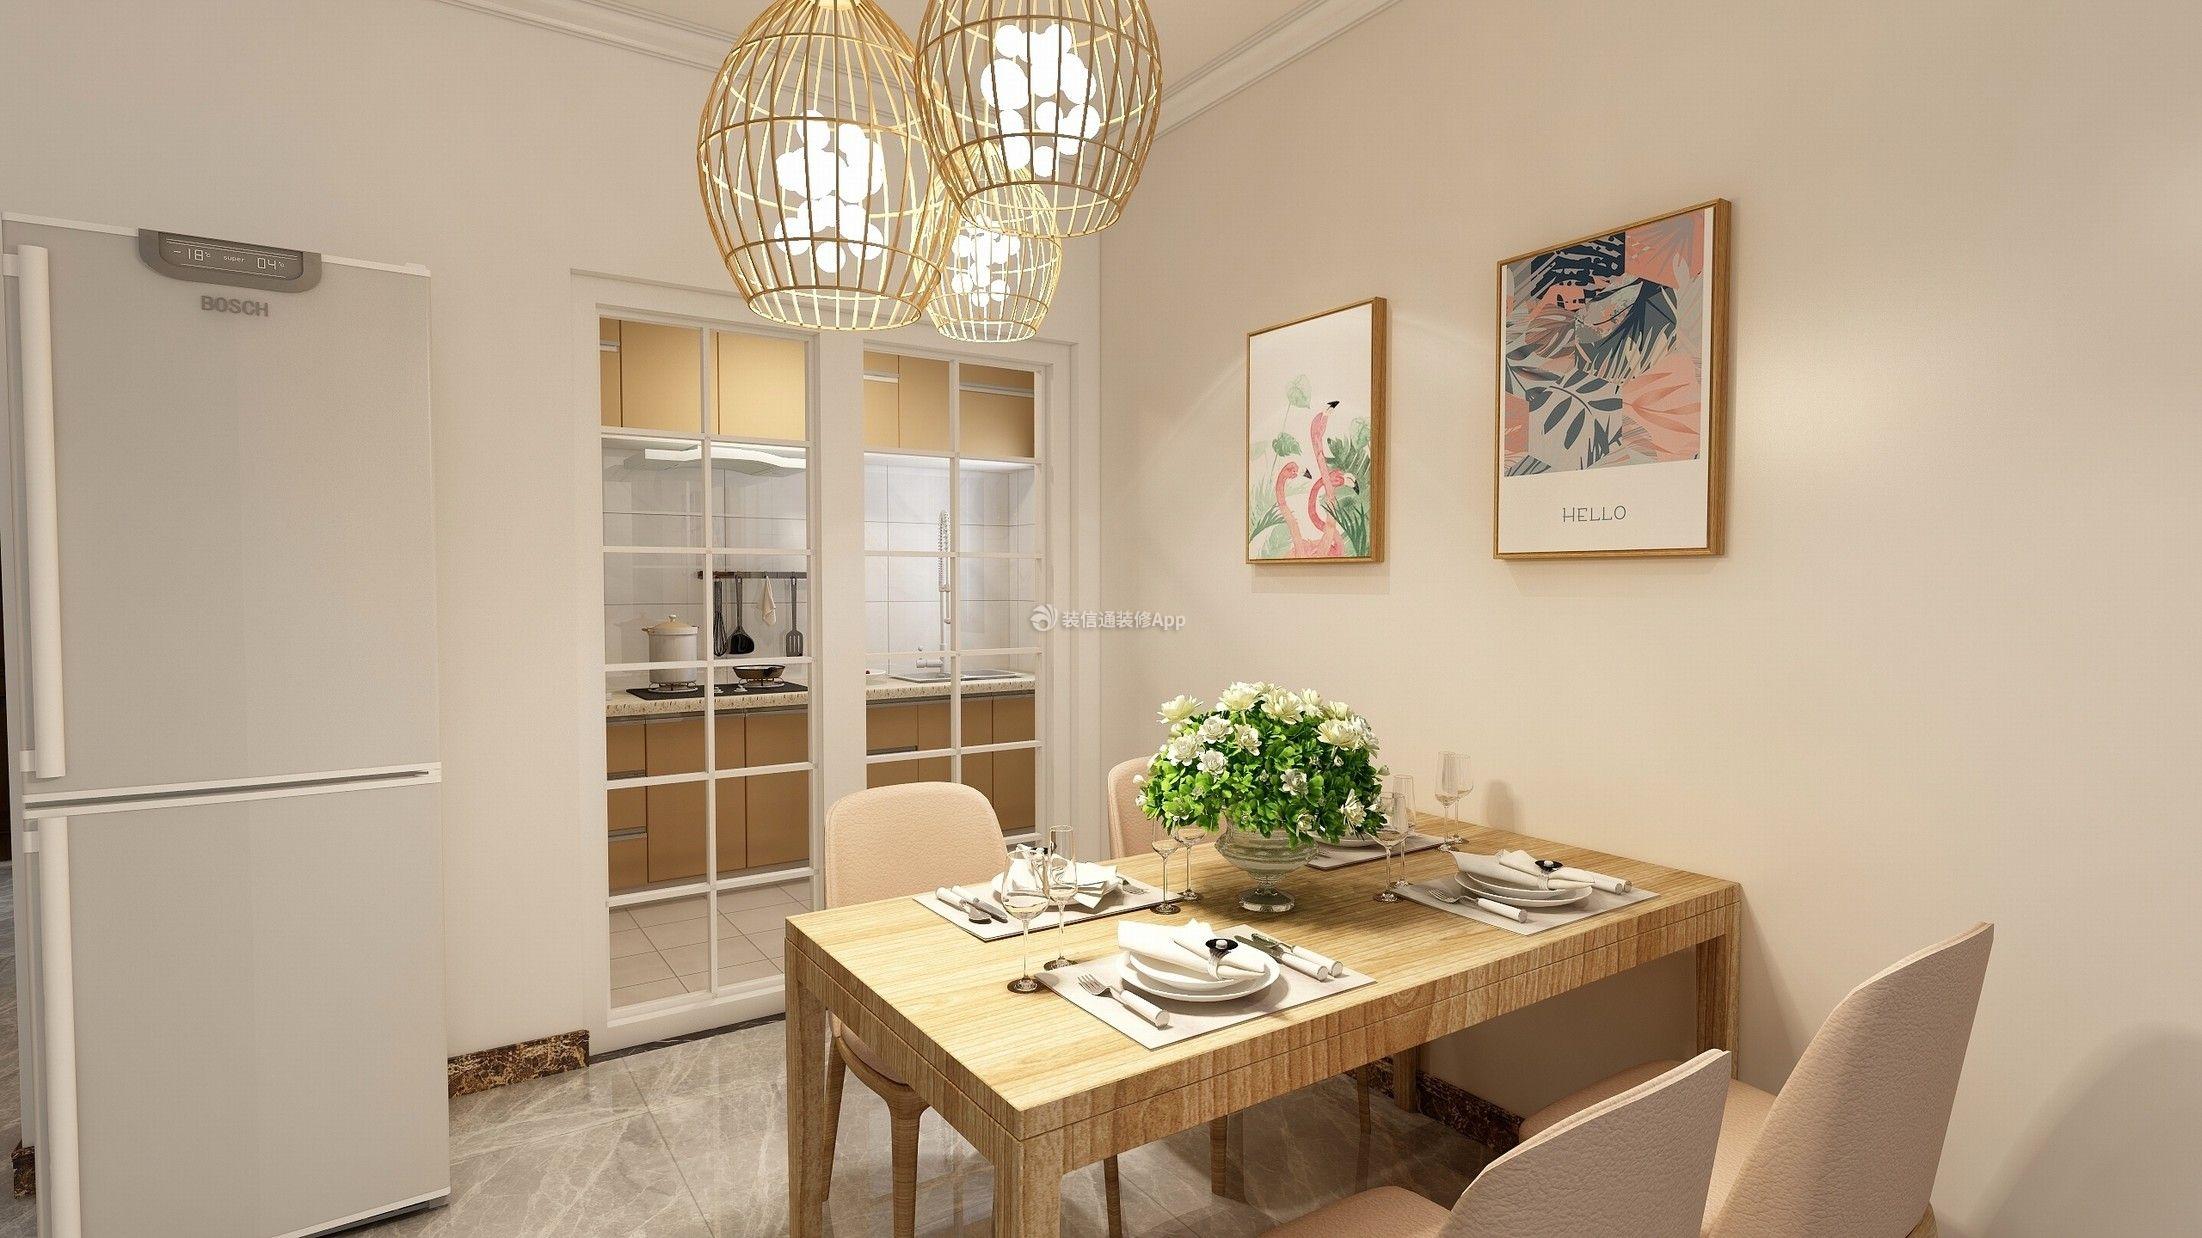 阳光城丽景湾126平家庭餐厅餐桌摆放设计图